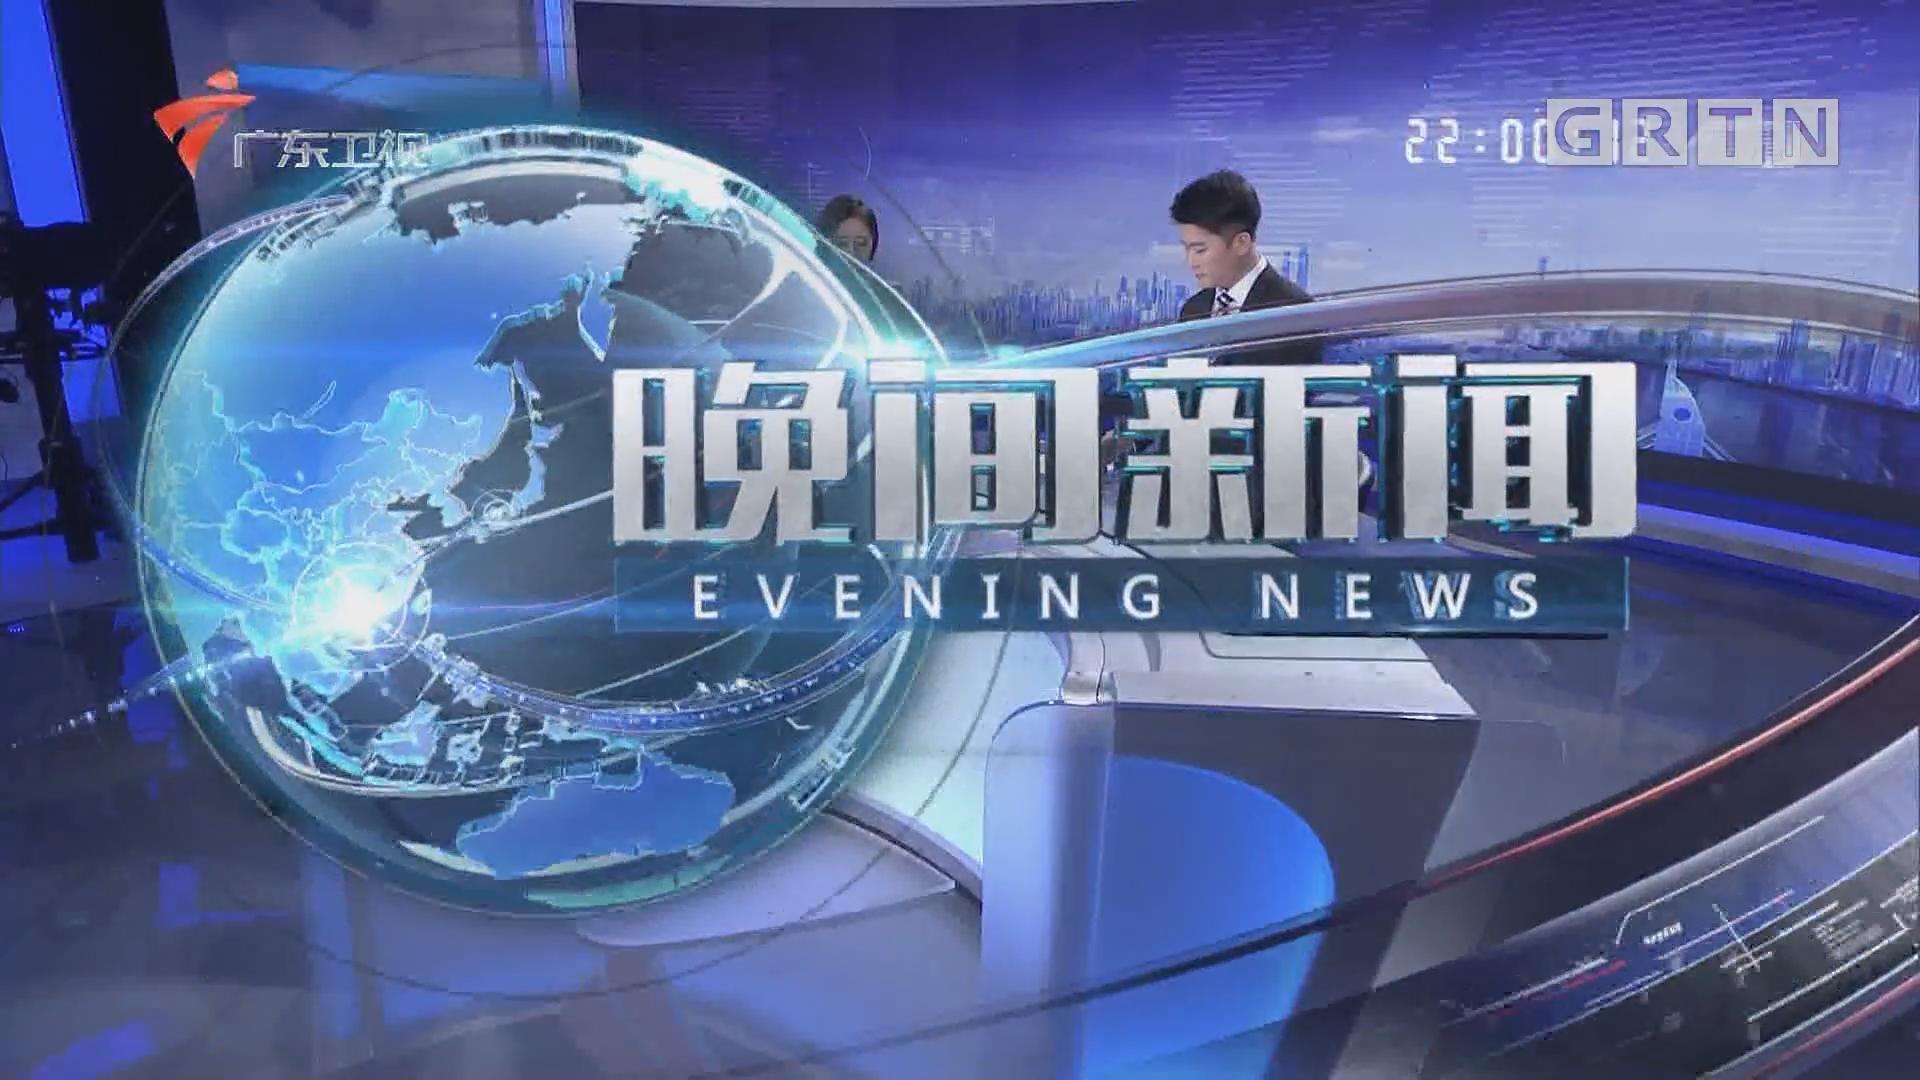 [HD][2019-11-27]晚间新闻:广东首家银行获准接入自由贸易账户分账核算业务系统 外资可按需开户 资金流动更加自由